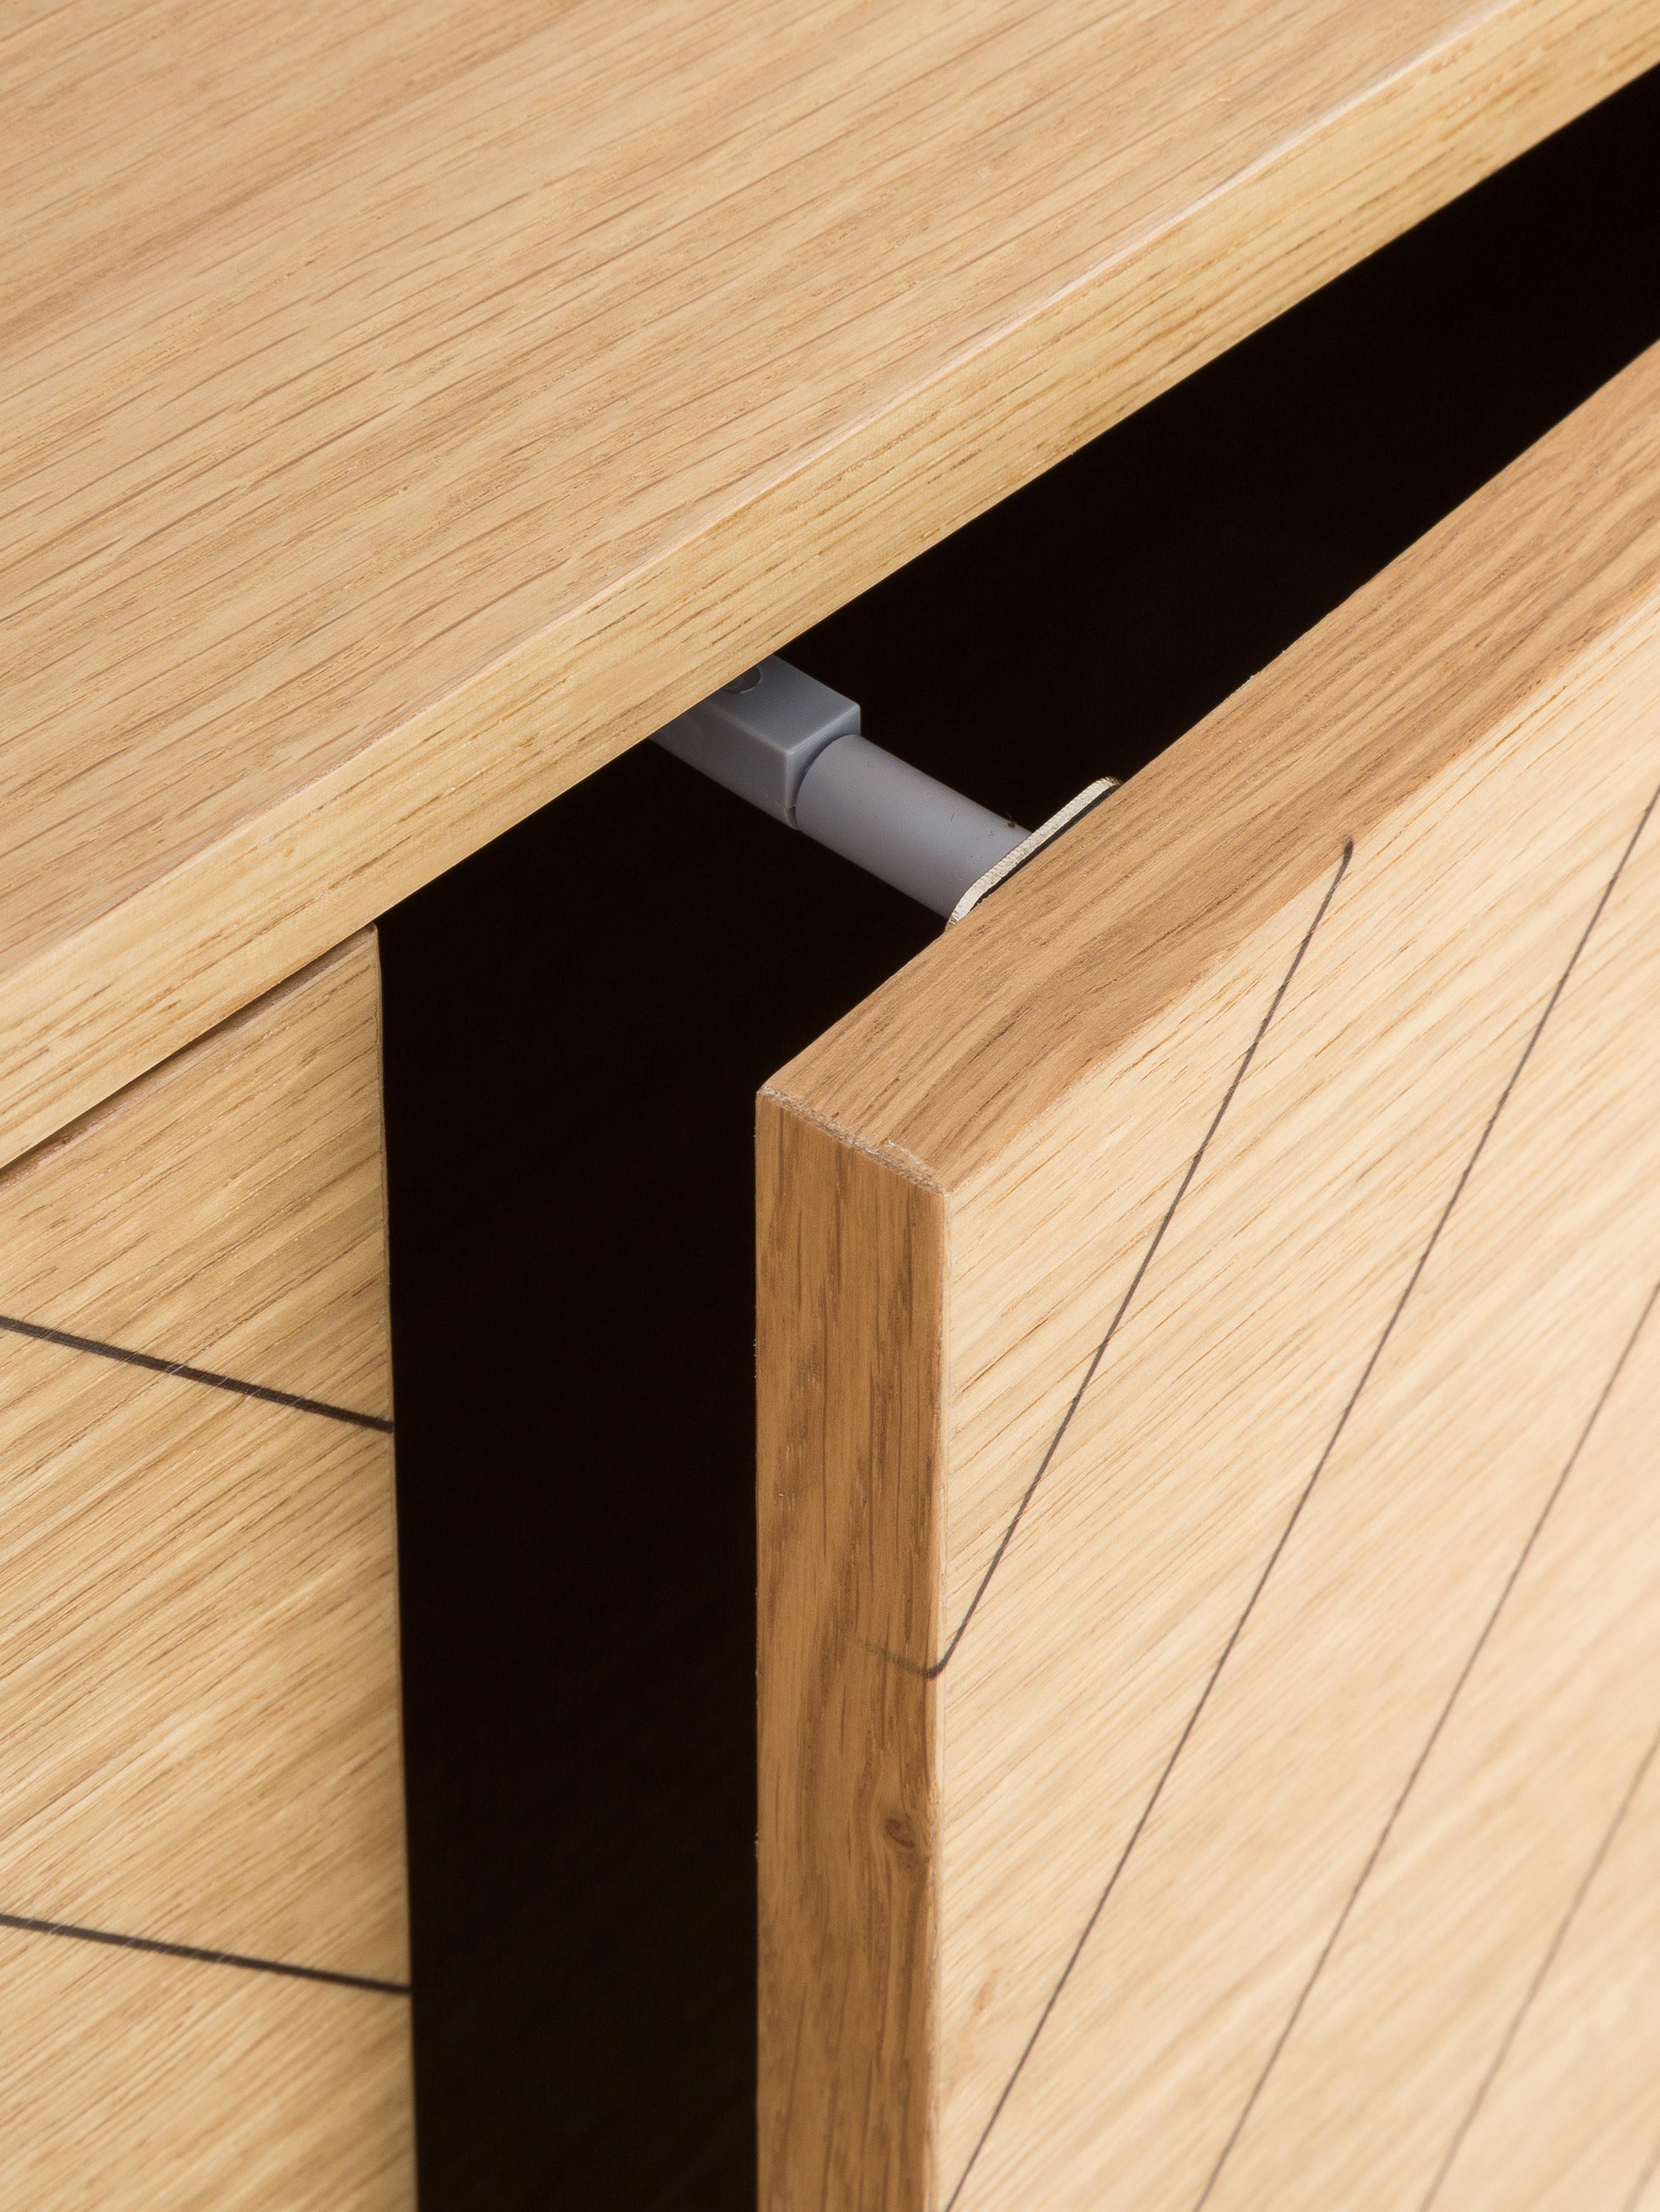 Sideboard Camden mit Eichenholzfurnier, Korpus: Mitteldichte Holzfaserpla, Eichenholz, 175 x 75 cm